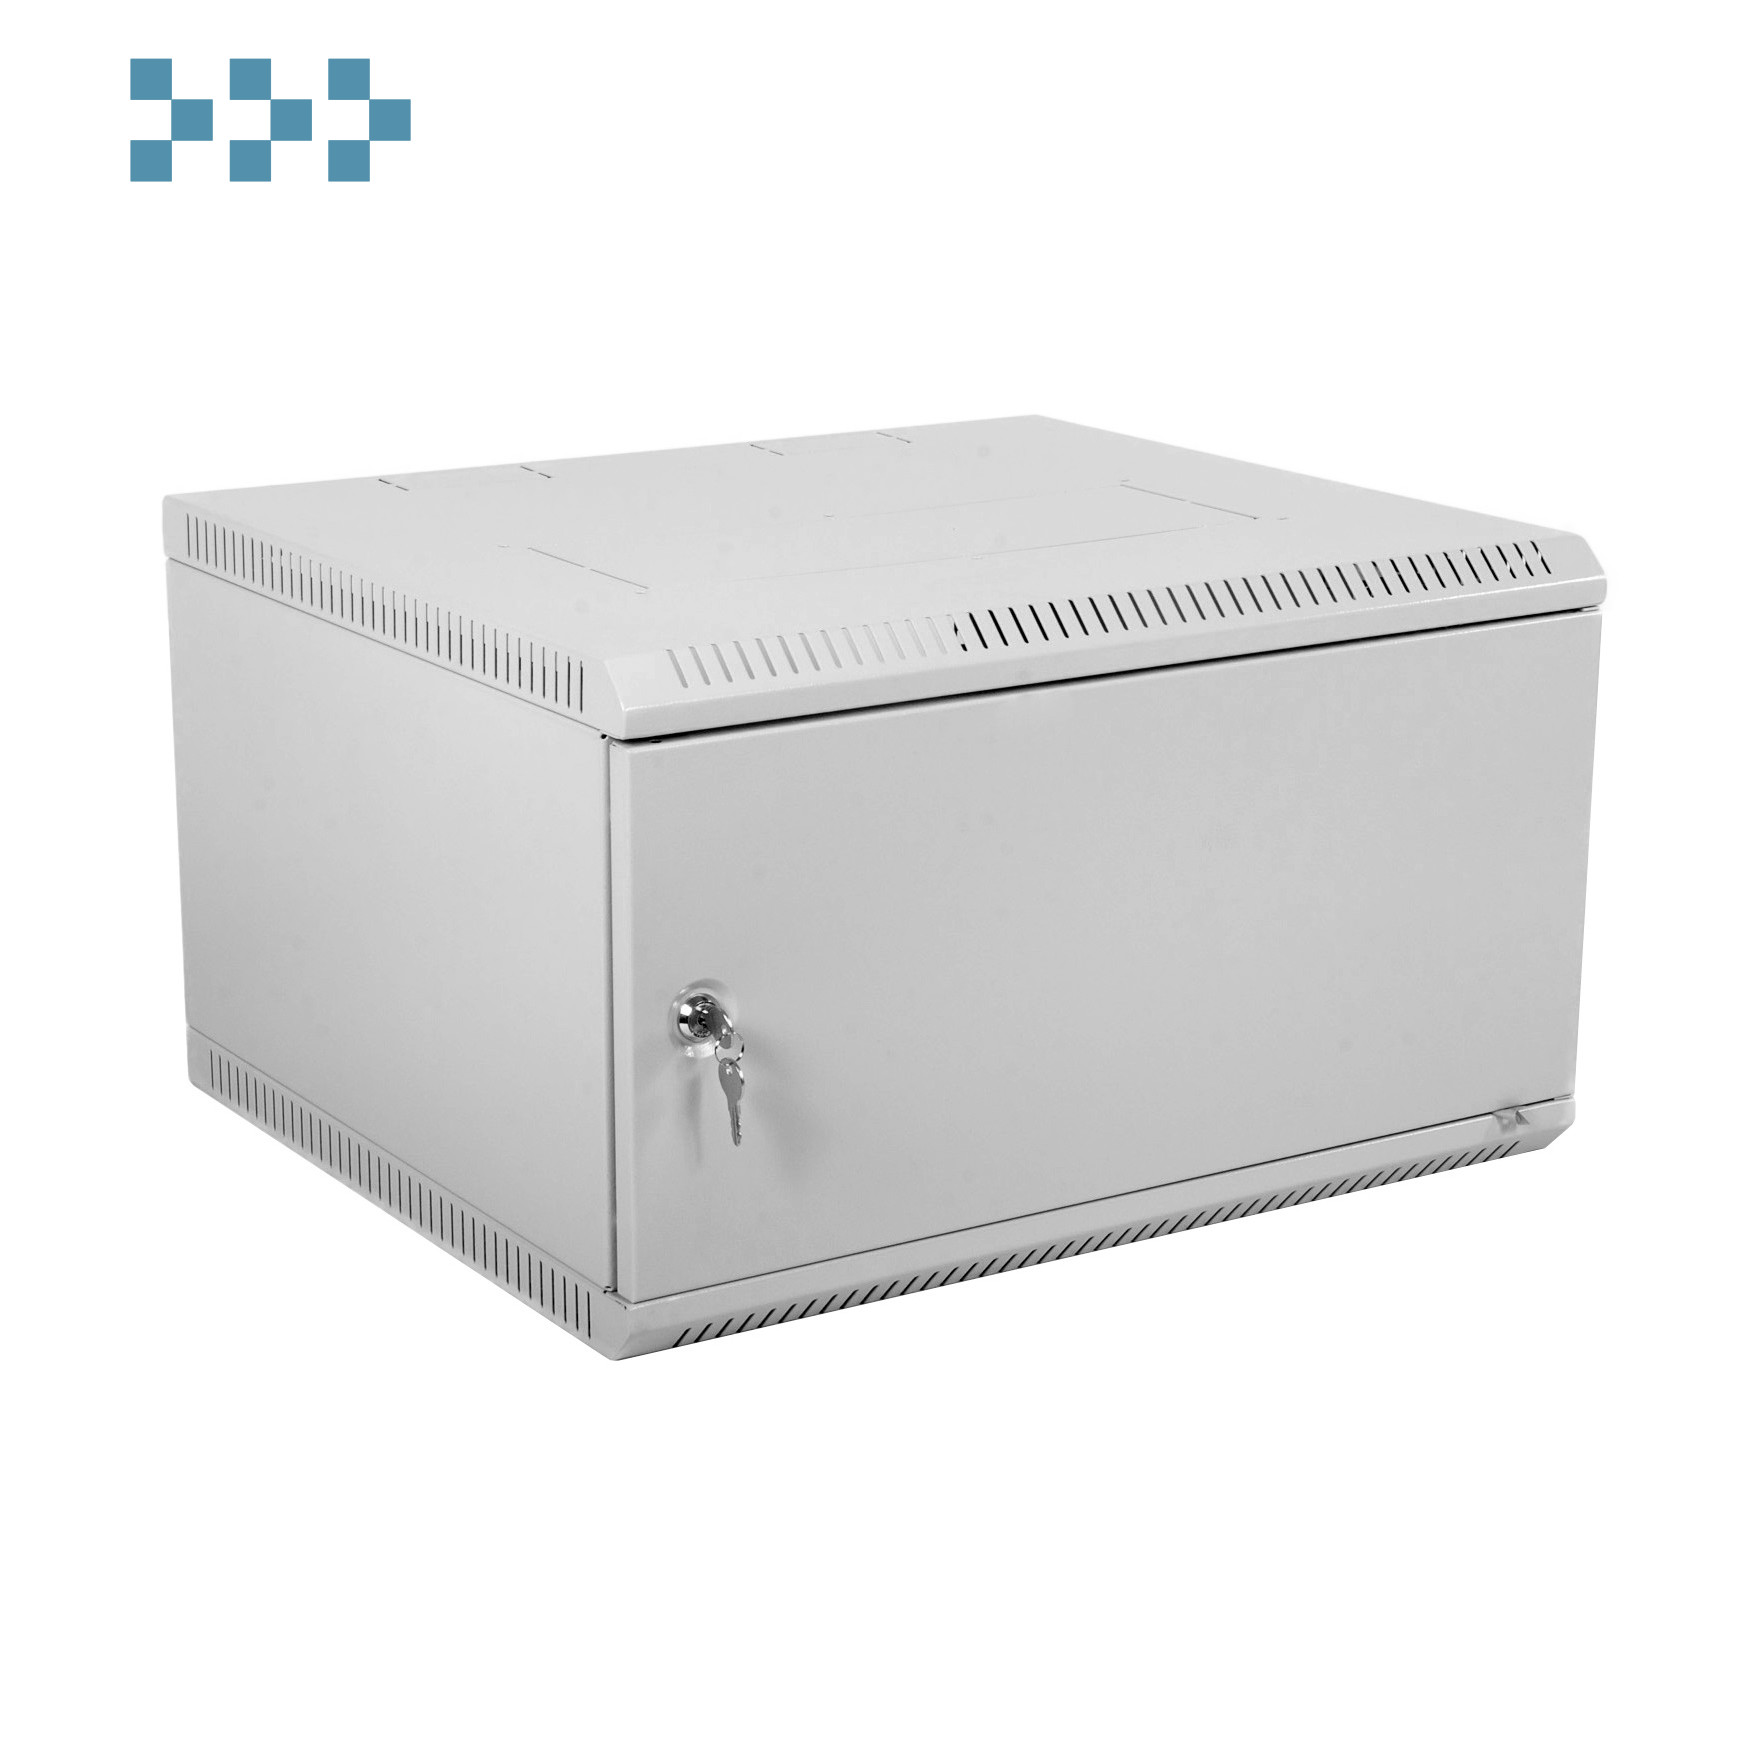 Шкаф телекоммуникационный настенный разборный 6U ЦМО ШРН-Э-6.350.1